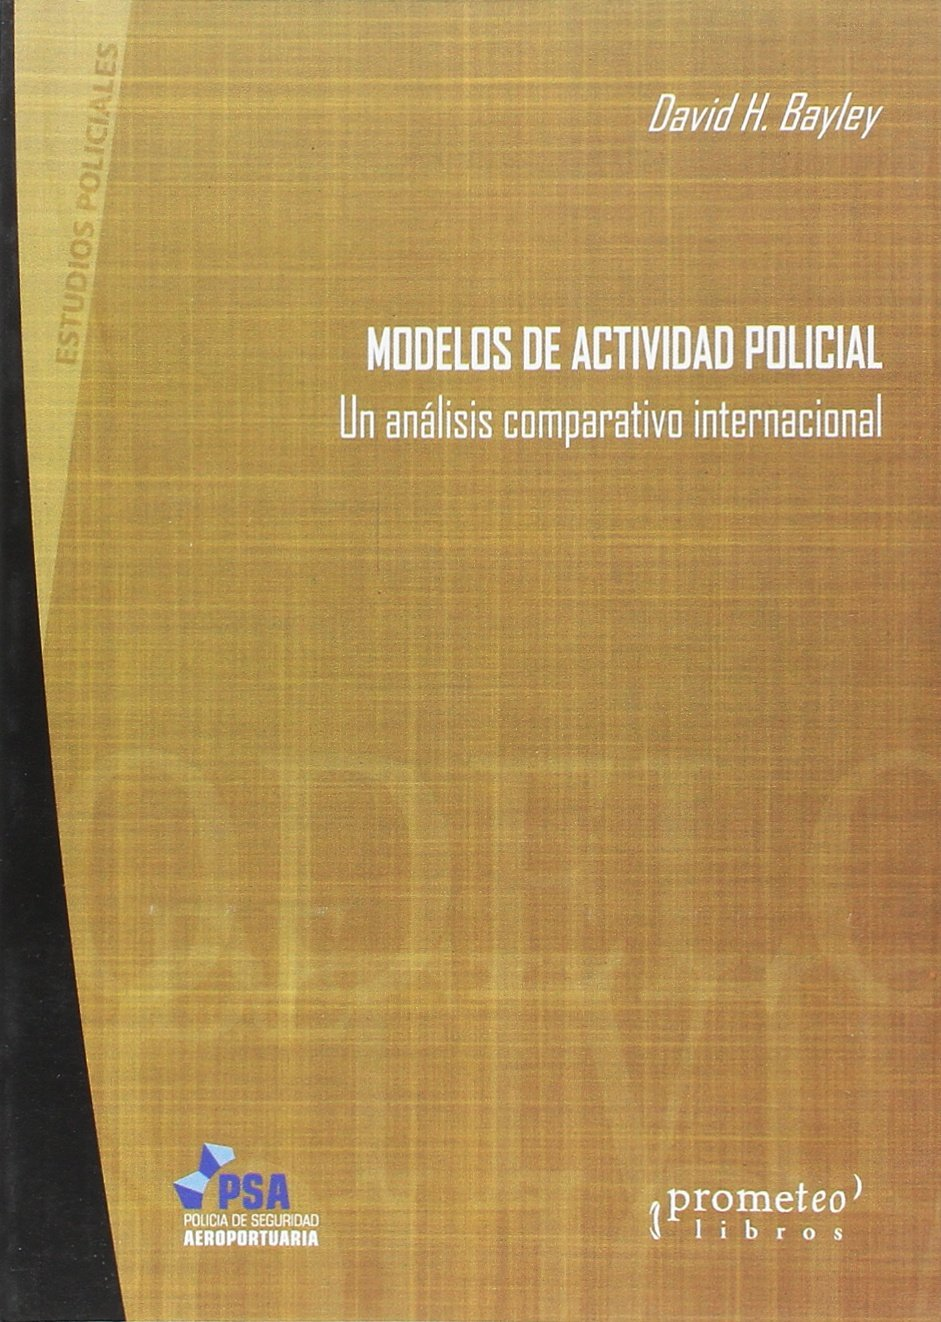 VOTOS Y LAS BOTAS, LOS (Spanish Edition): Varios: 9789875744172: Amazon.com: Books